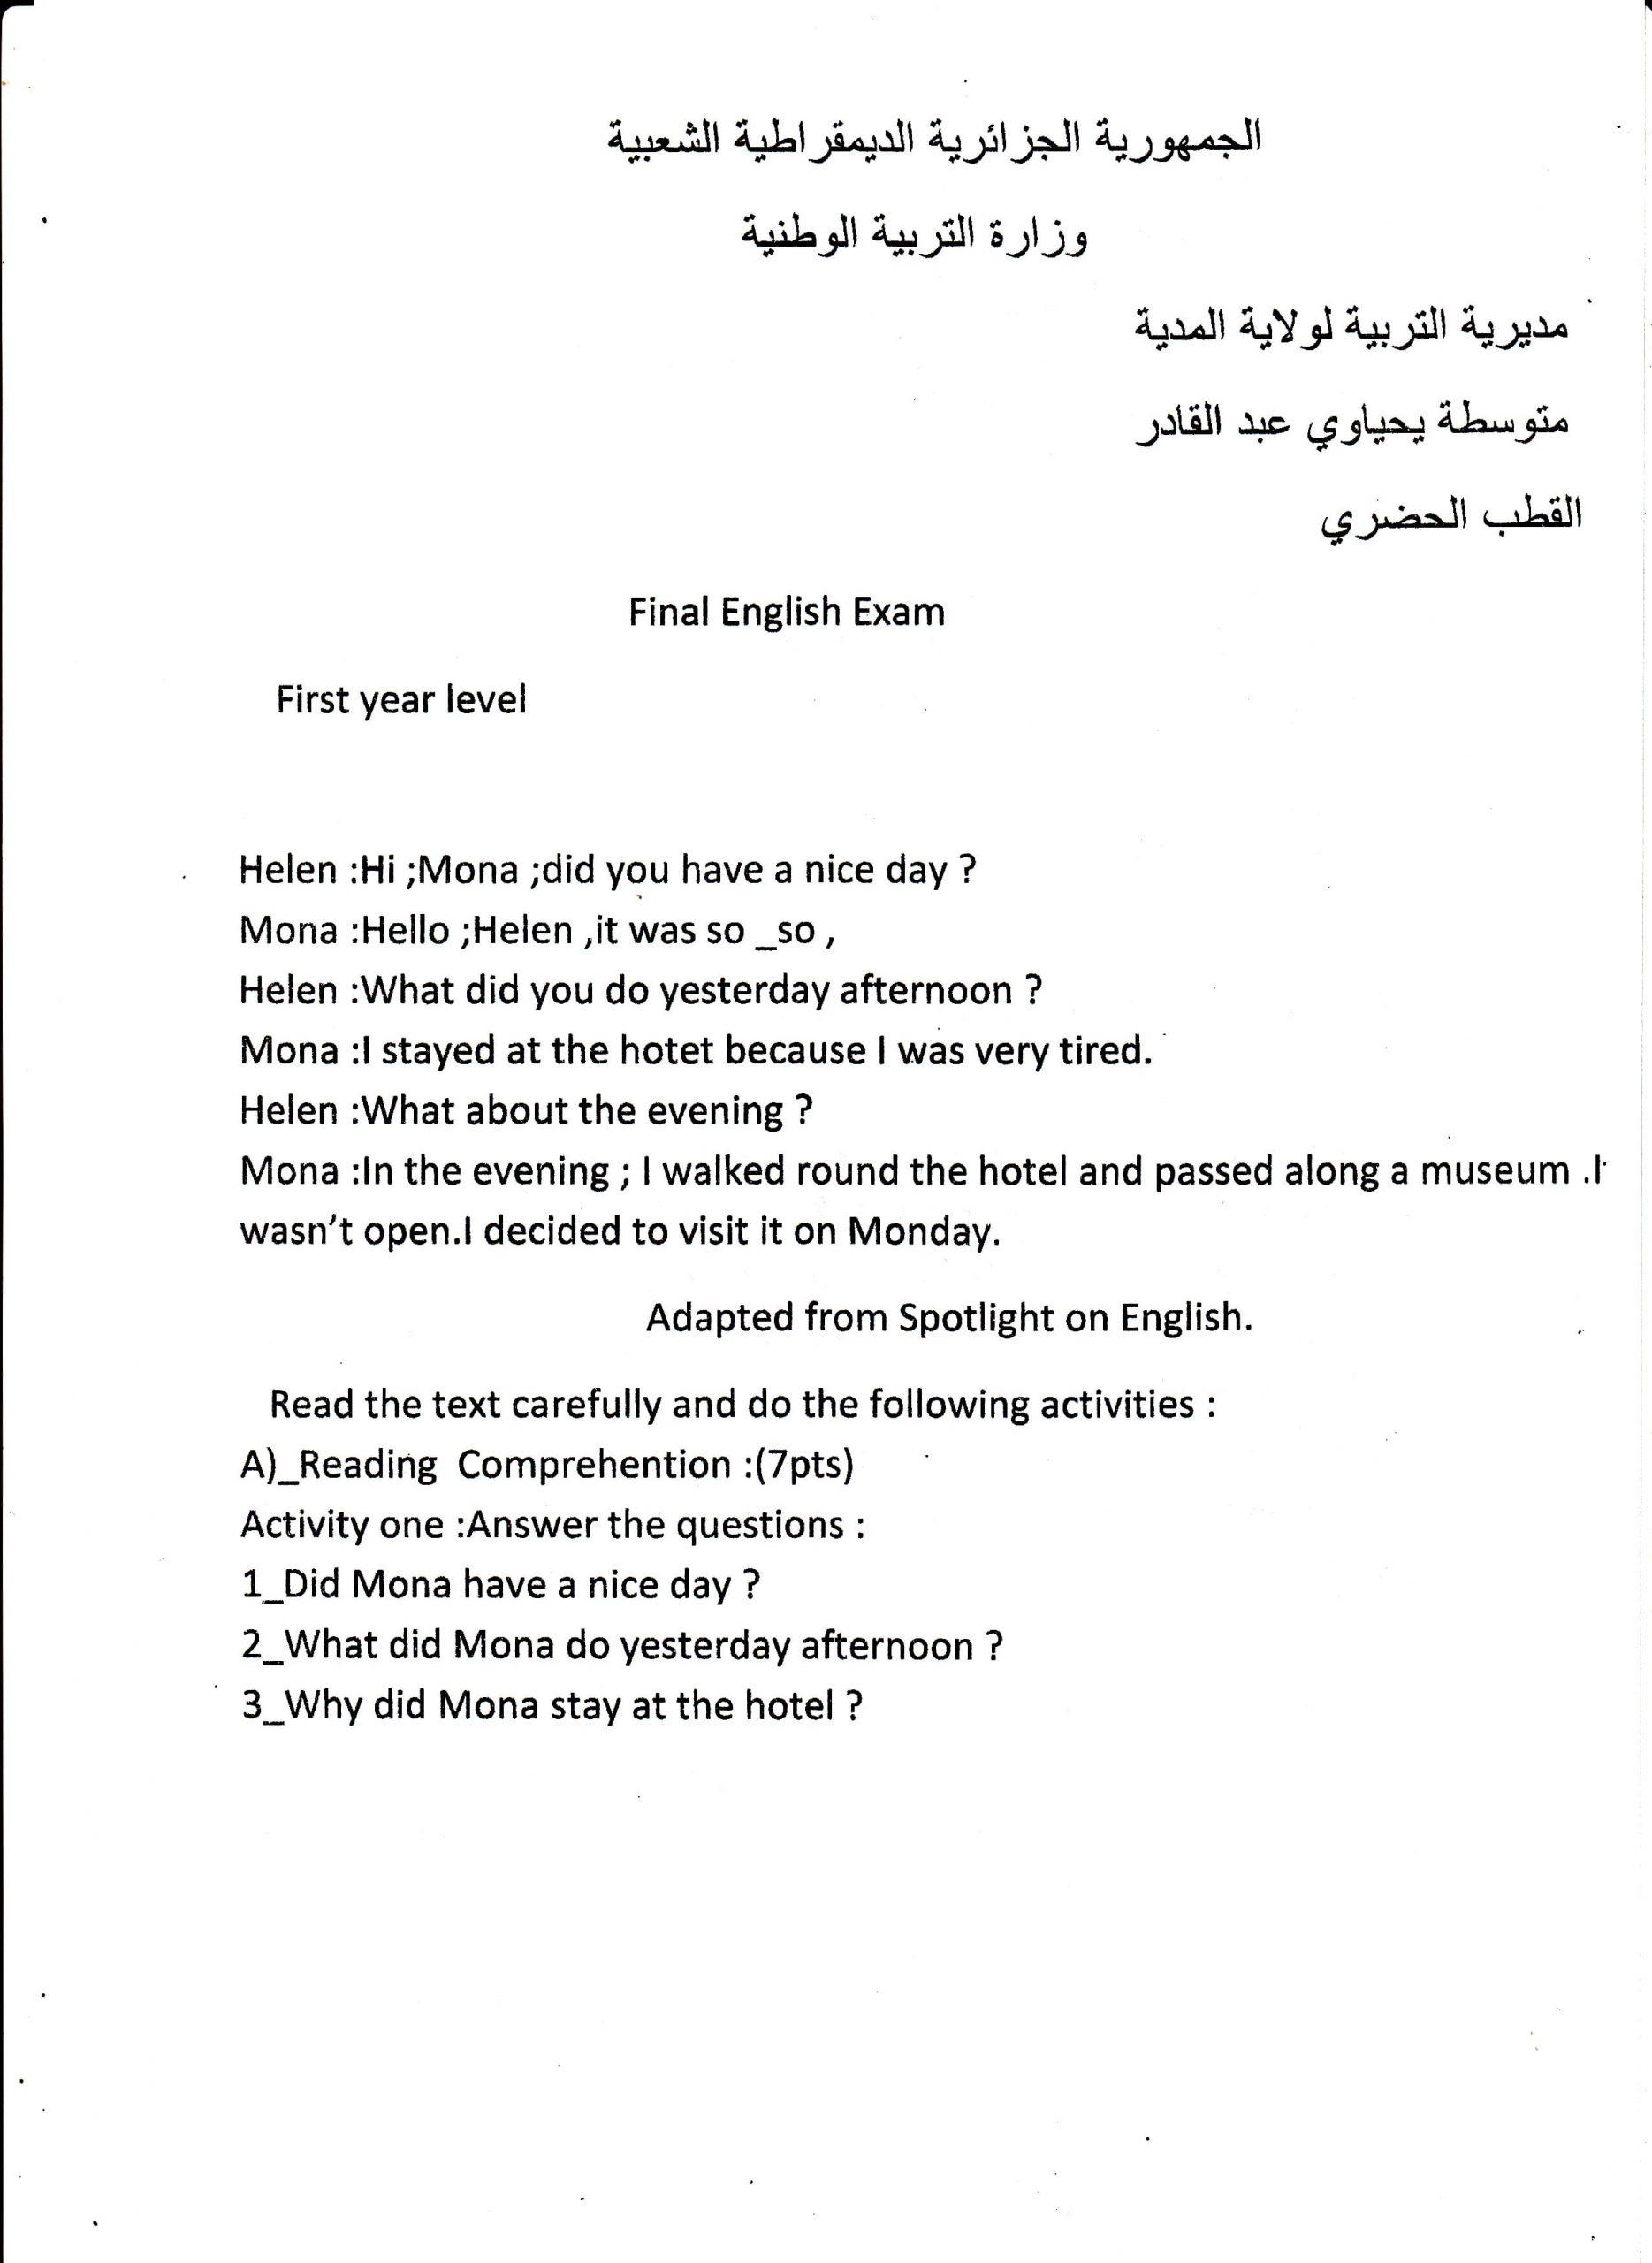 اختبار الفصل الثالث في اللغة الانجليزية للسنة الأولى متوسط - الموضوع 04